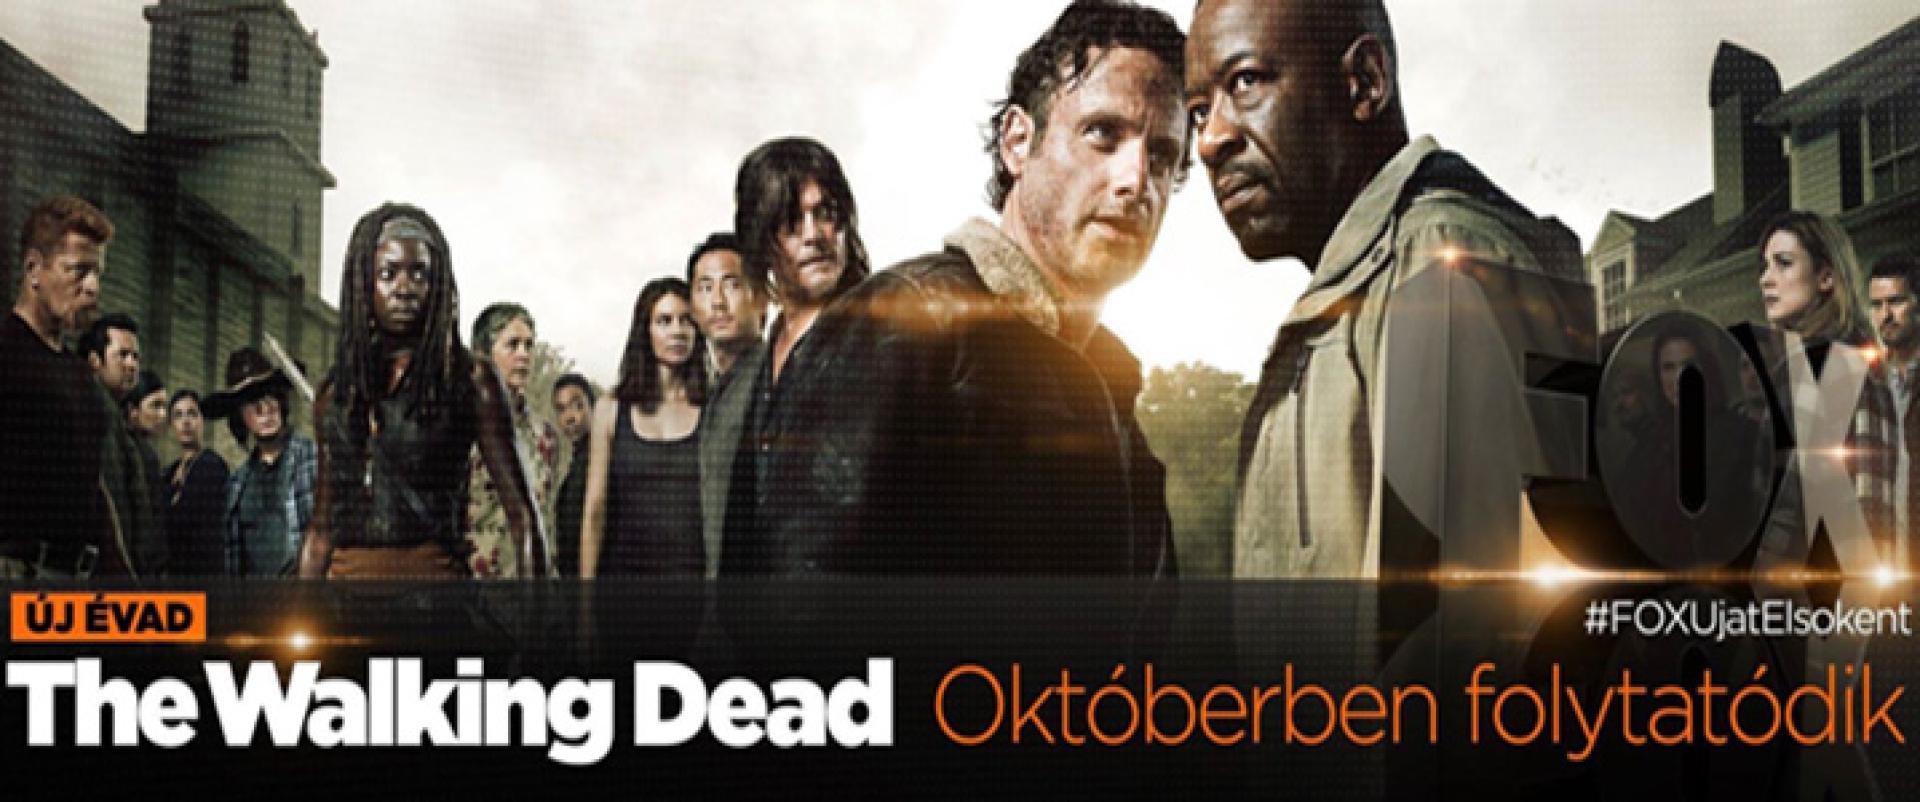 The Walking Dead, 6. évad: három új szereplő fotói